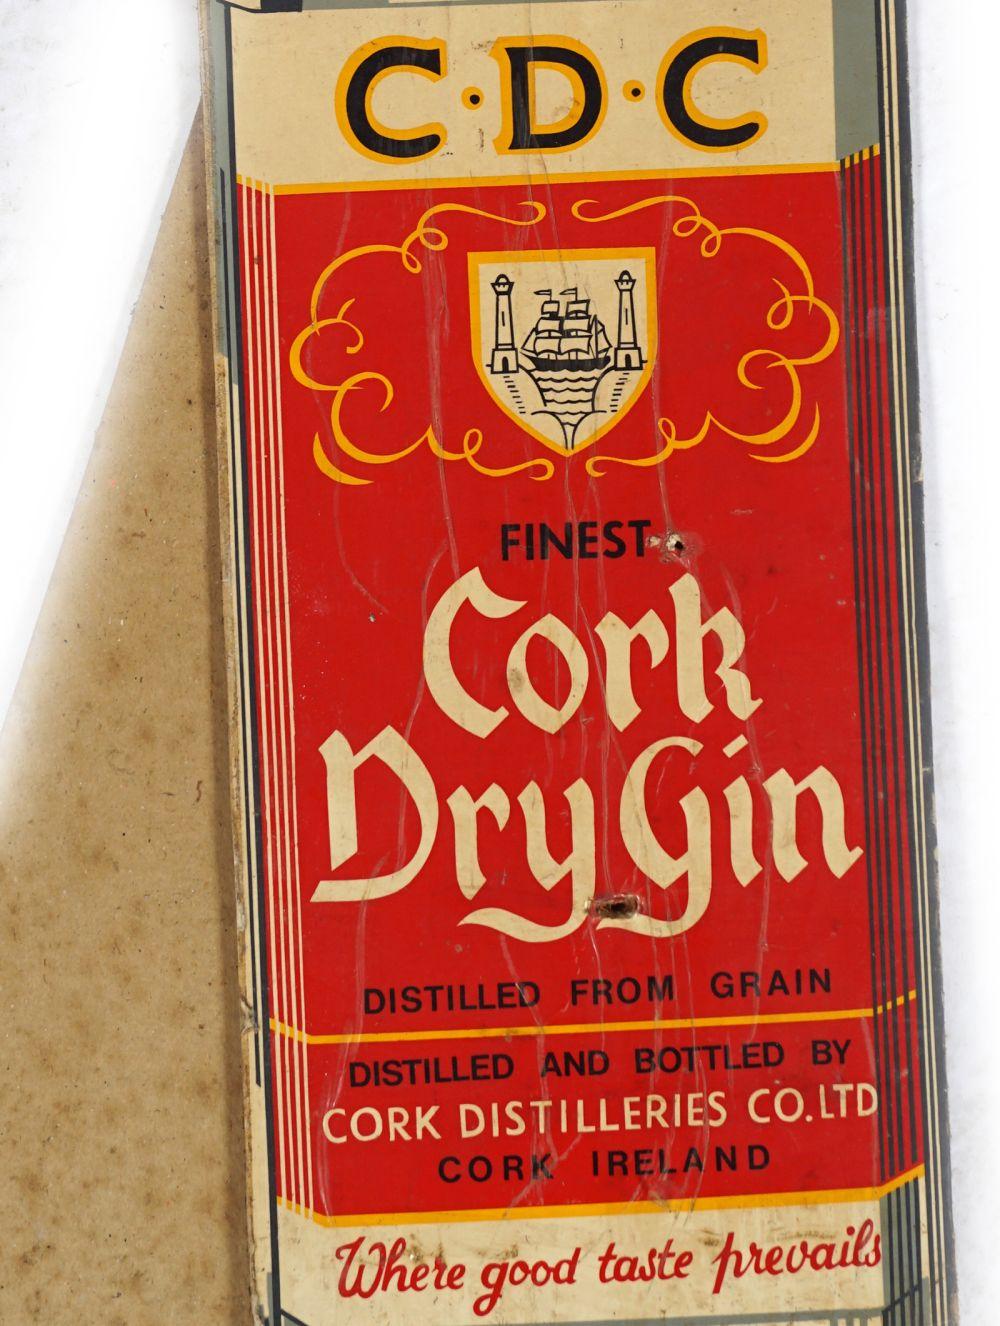 C.D.C. CORK DRY GIN ORIGINAL POSTER - Image 2 of 4